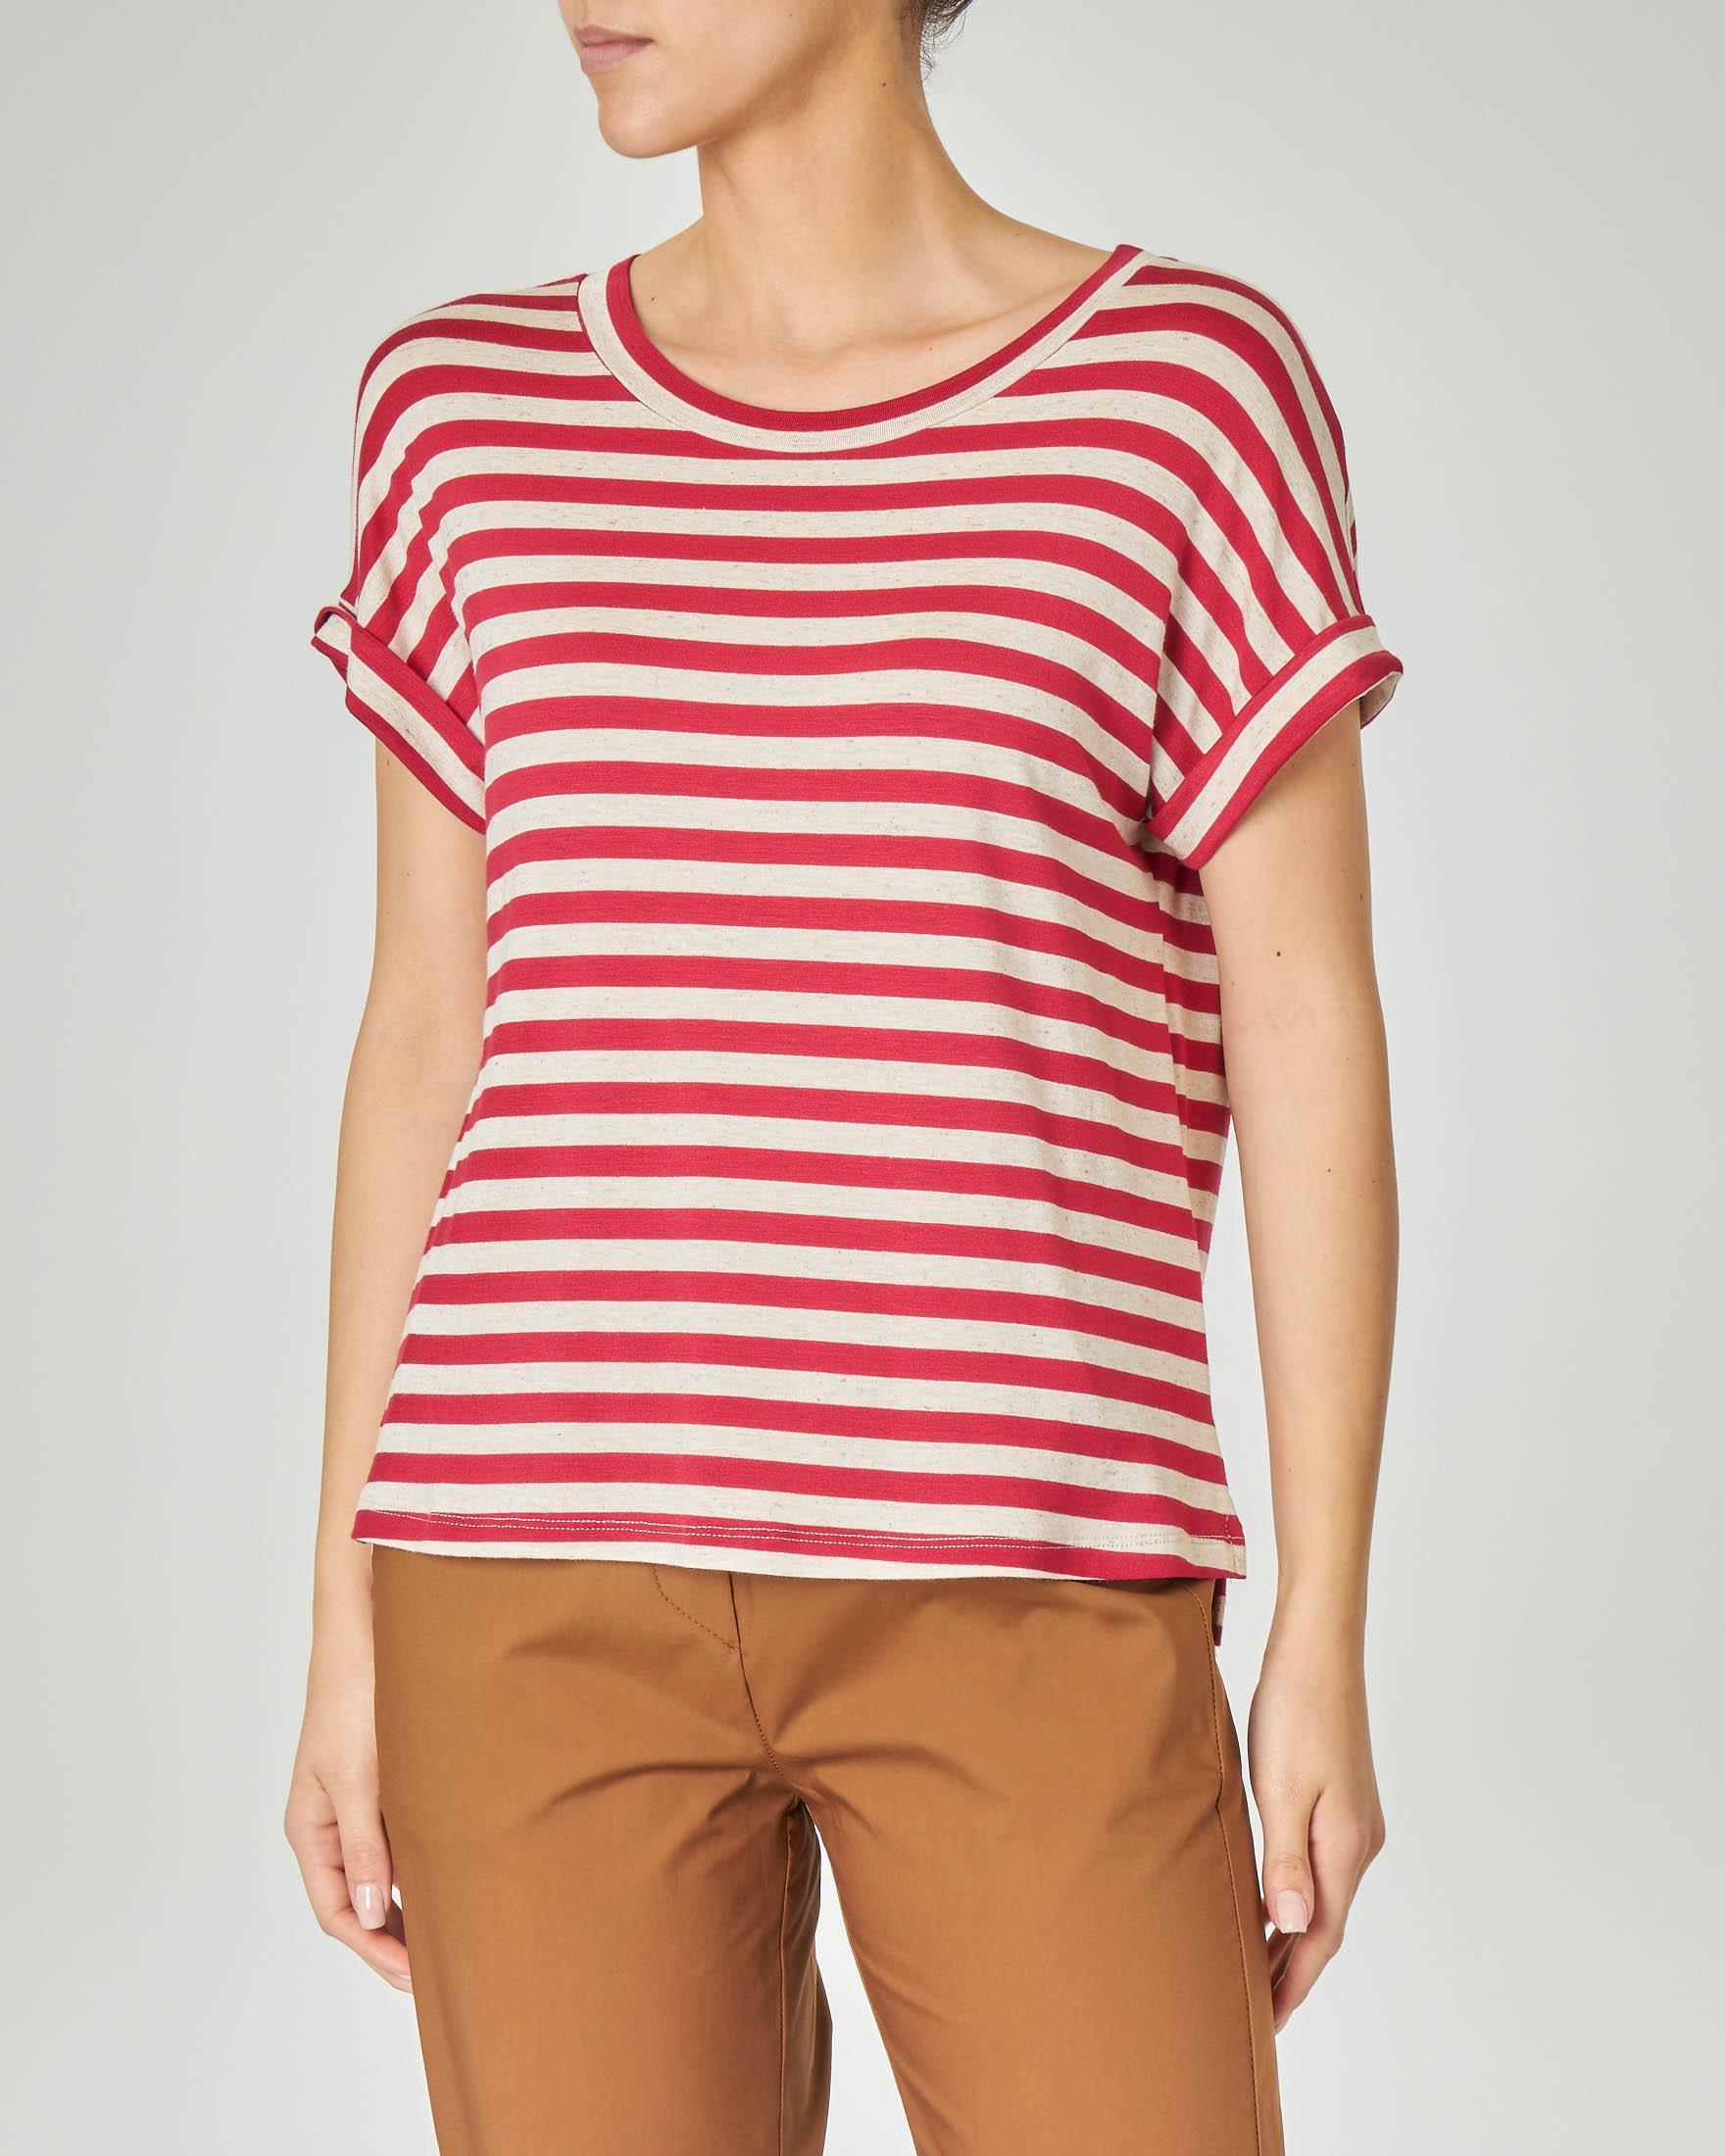 T-shirt a righe beige e rosse in viscosa misto lino con risvolto sulle maniche corte